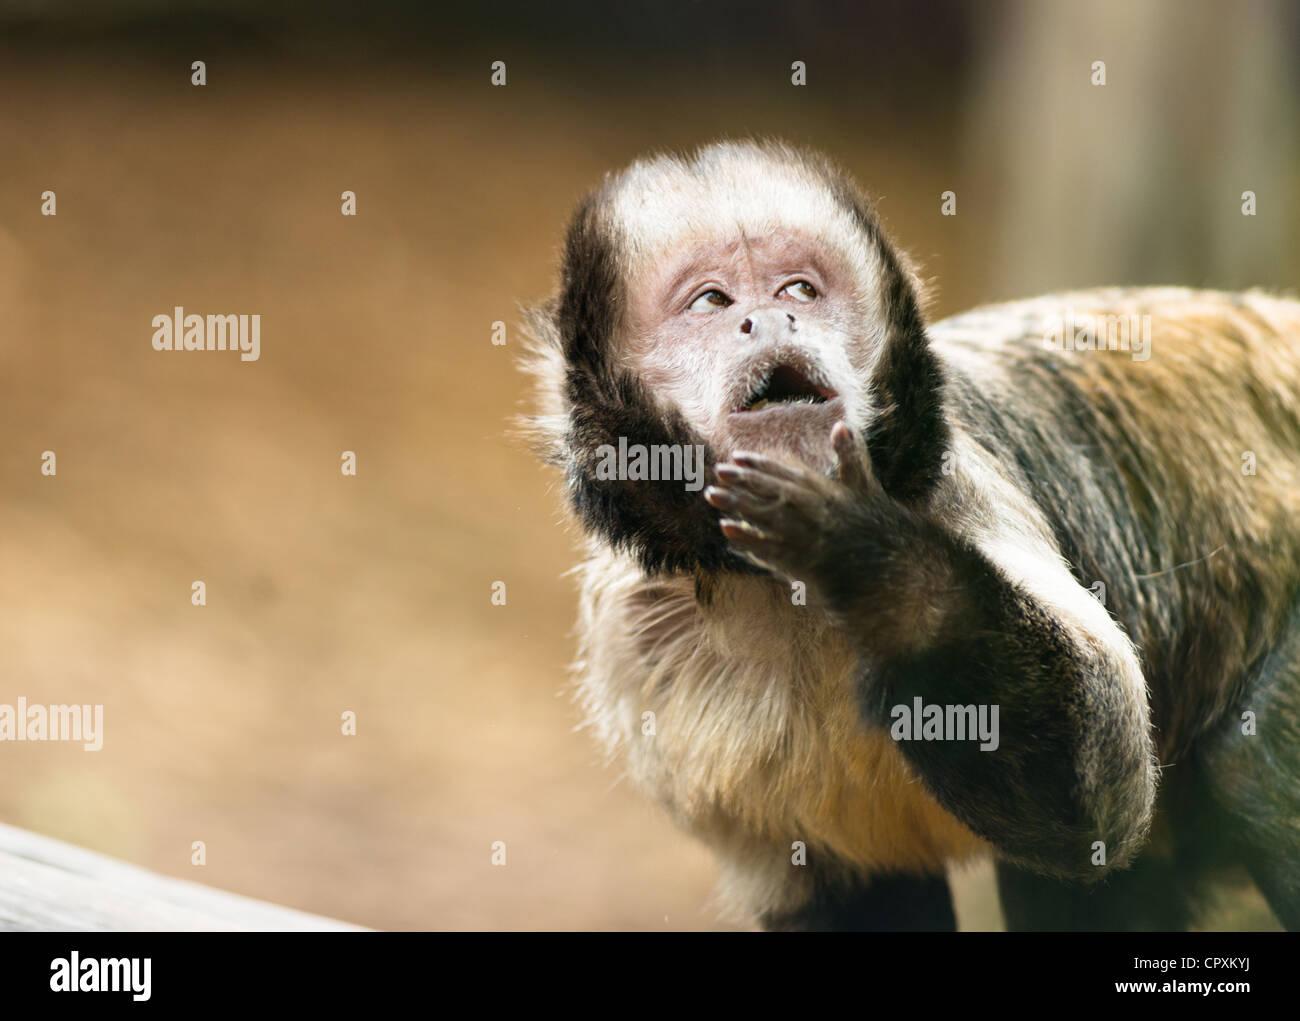 Tufted scimmia cappuccino (Sapajus apella) con l'espressione cheeky. Immagini Stock